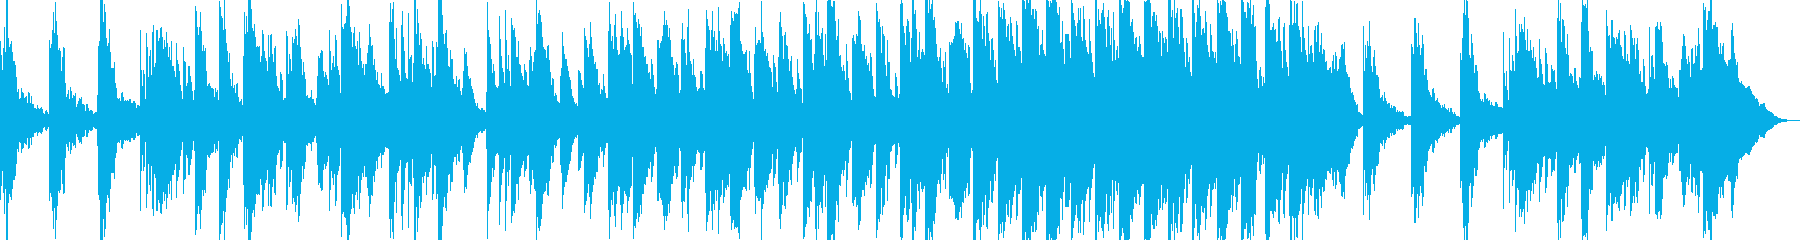 【リラクゼーション】落ち着いた映像向けの再生済みの波形